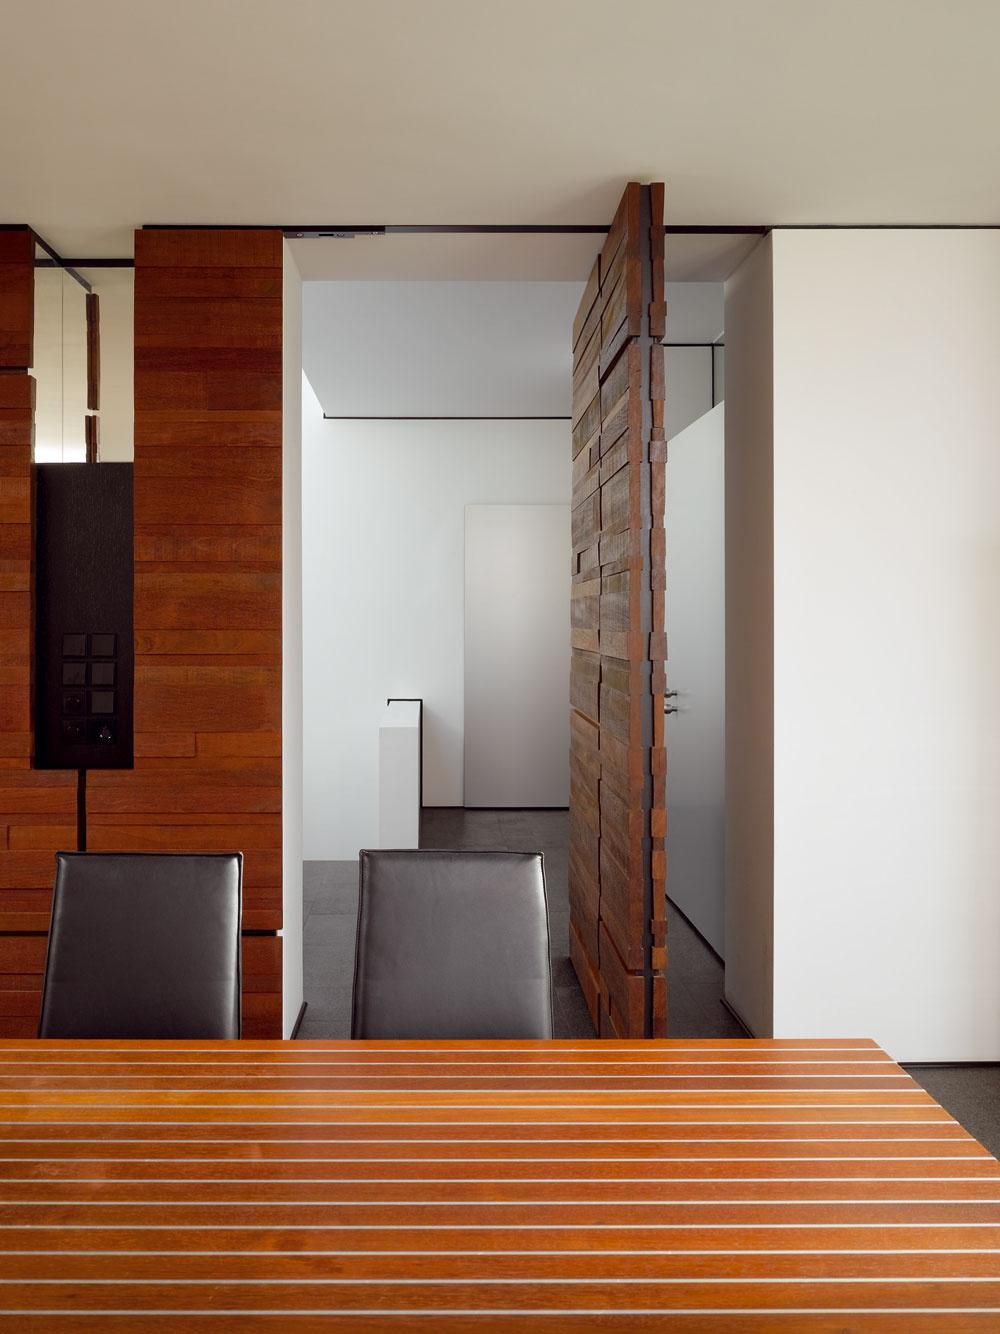 Vstupná hala by sa svojou tóninou mohla zdať až neosobná – nebyť otočných dverí, obložených nehobľovanými jatobovými doskami srozličnou šírkou. Ešte viac dominuje kolekcia ztohto tropického amerického dreva vobývacom priestore.